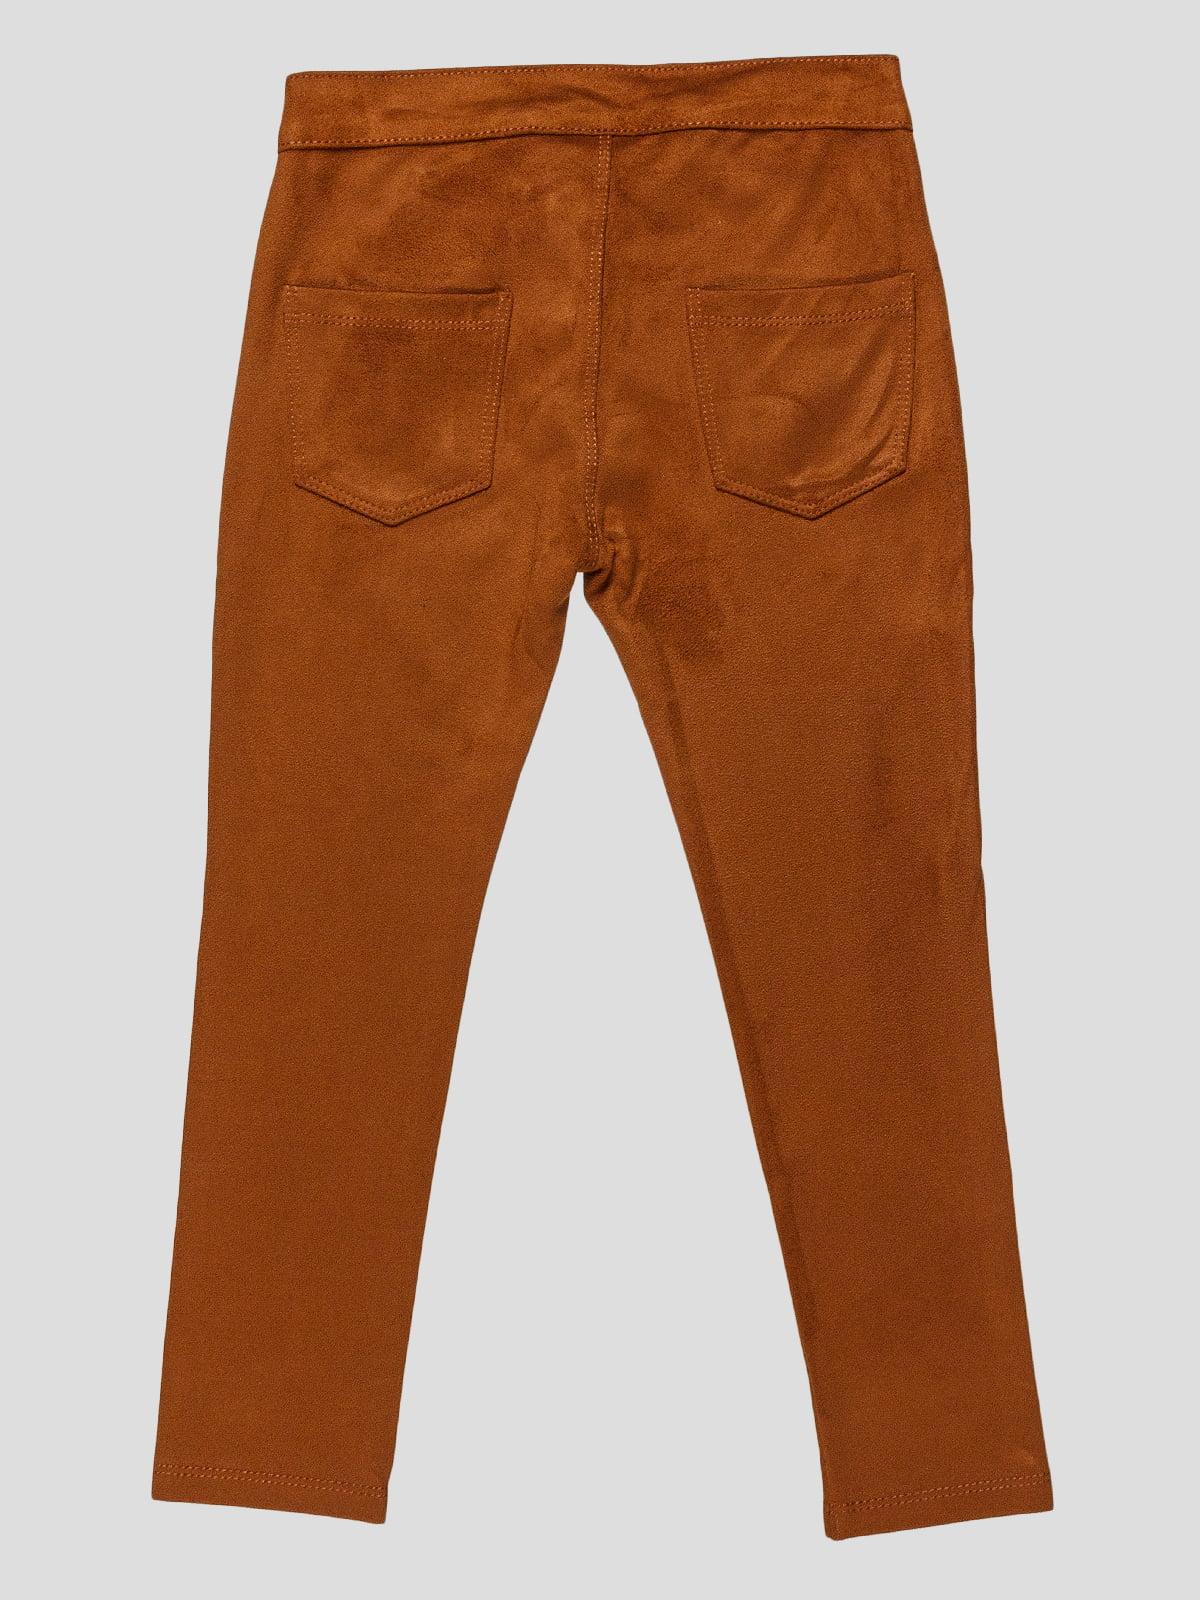 Штани коричневі | 3265521 | фото 2